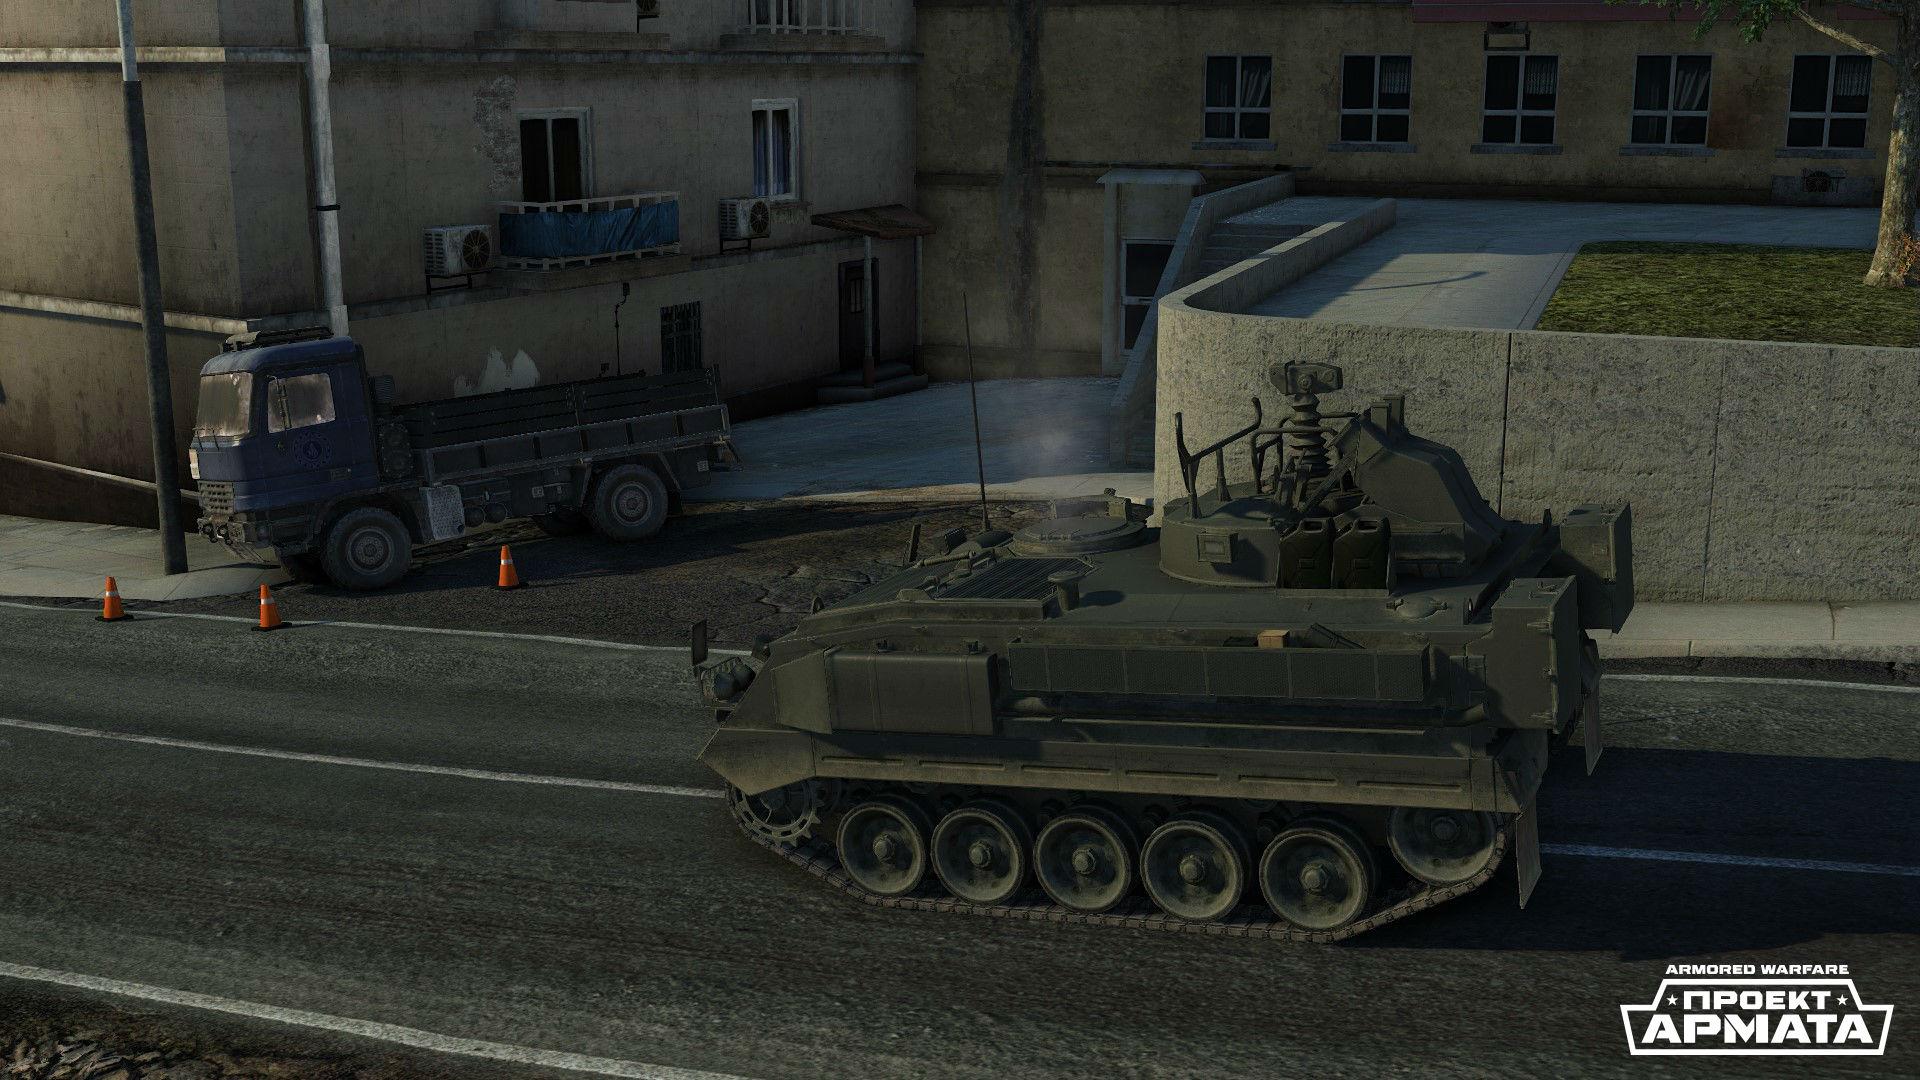 fv438-swingfire-4